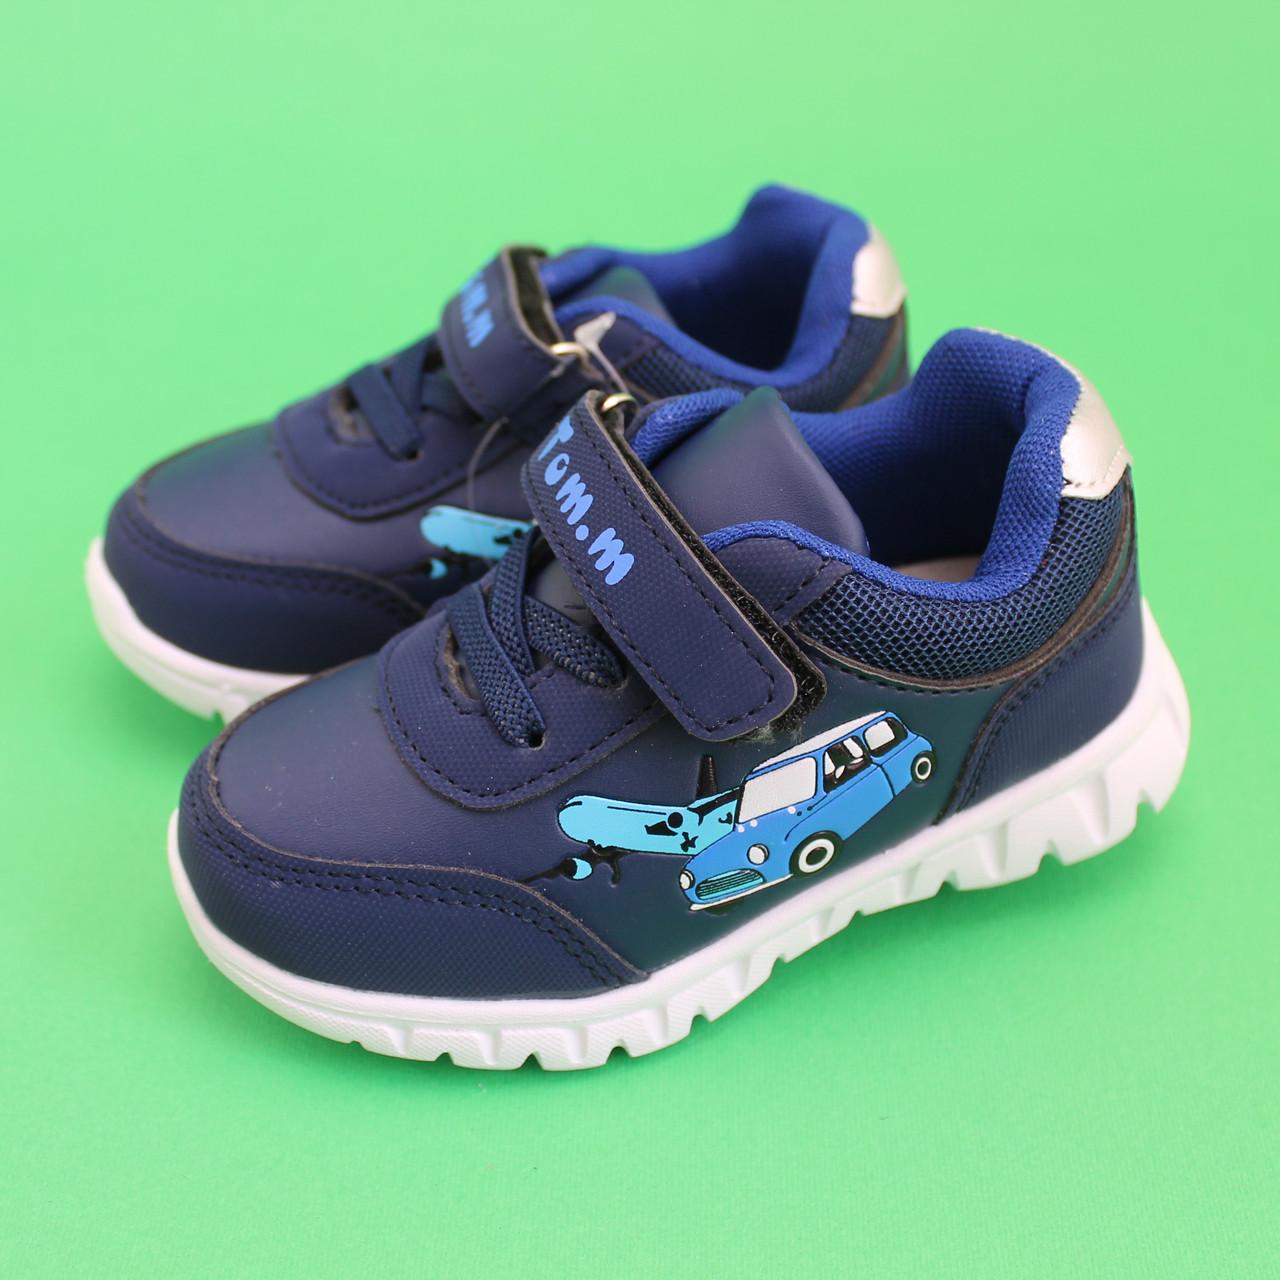 531759b2 Детские кроссовки на мальчика размер 21,22 - Style-Baby детский магазин в  Киеве